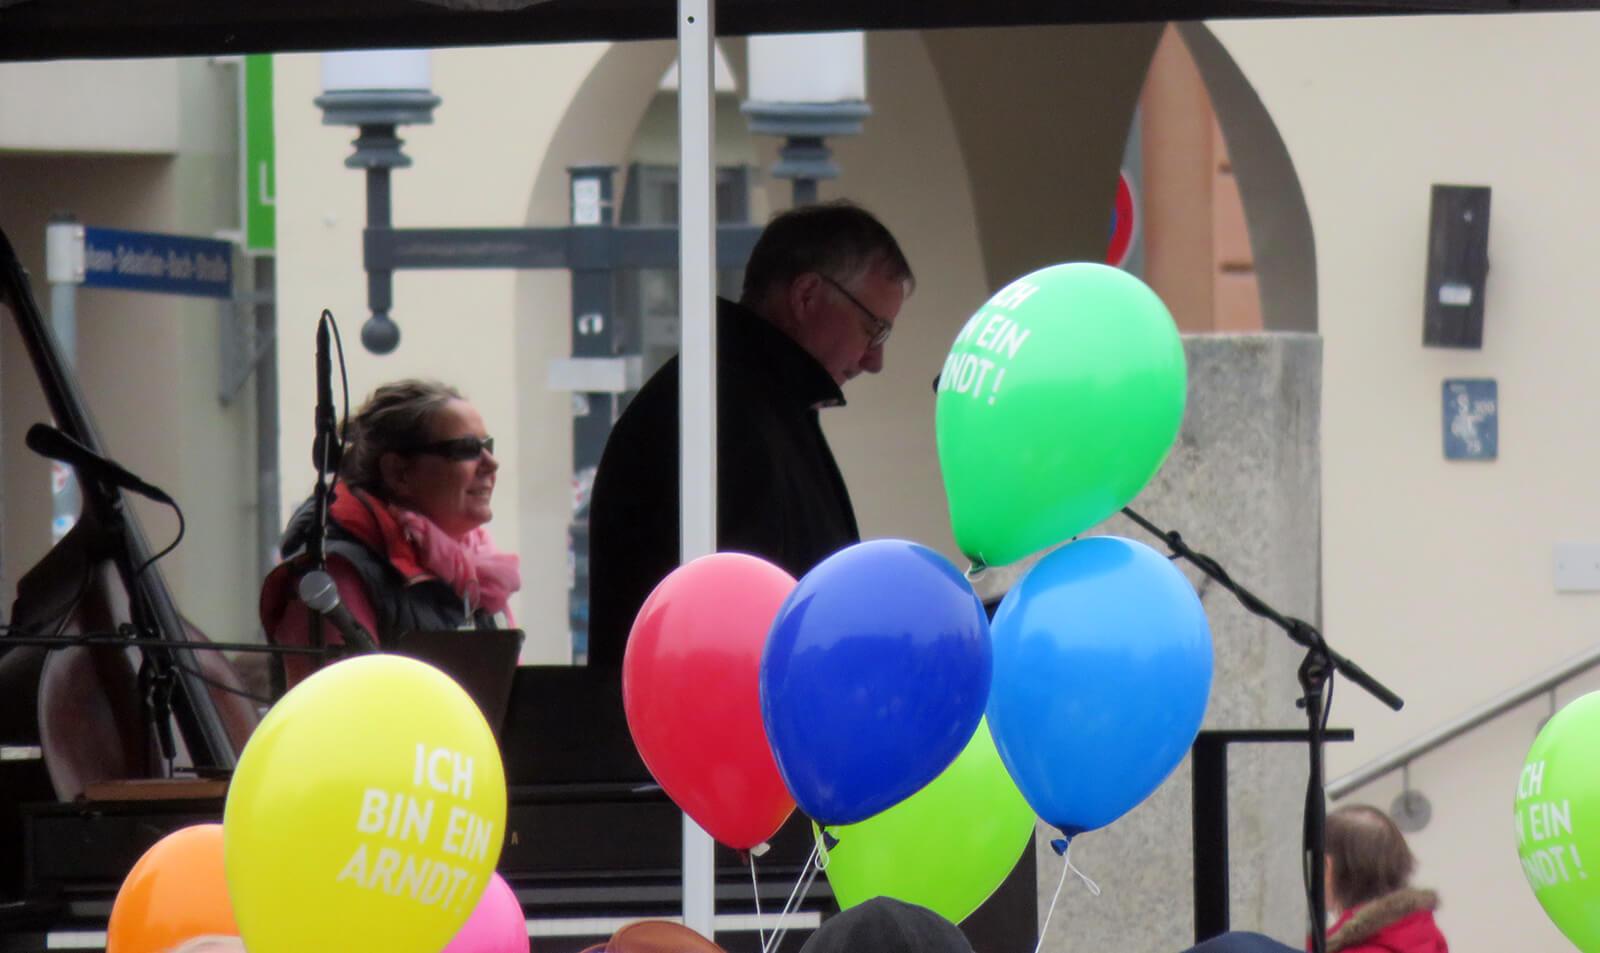 Grit Wuschek und Axel Hochschild bei einer Pro-Arndt-Kundgebung in Greifswald